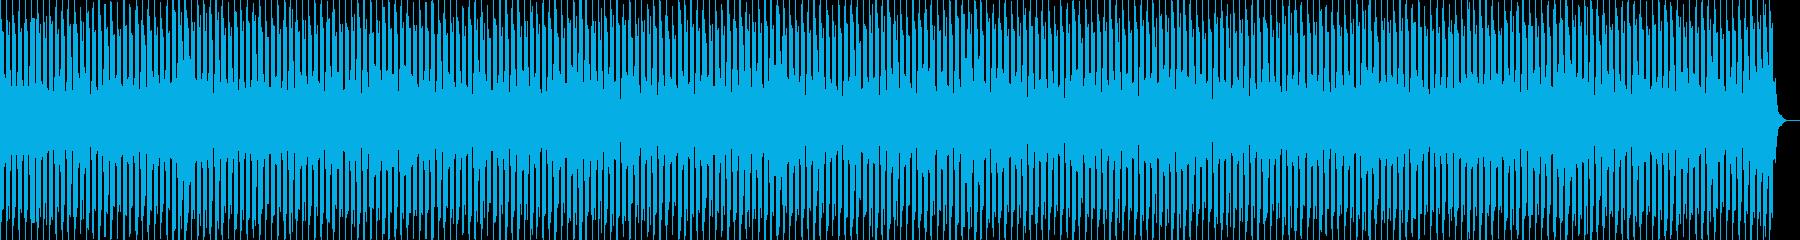 煽りのBGM ニュース・データ・少し緊迫の再生済みの波形